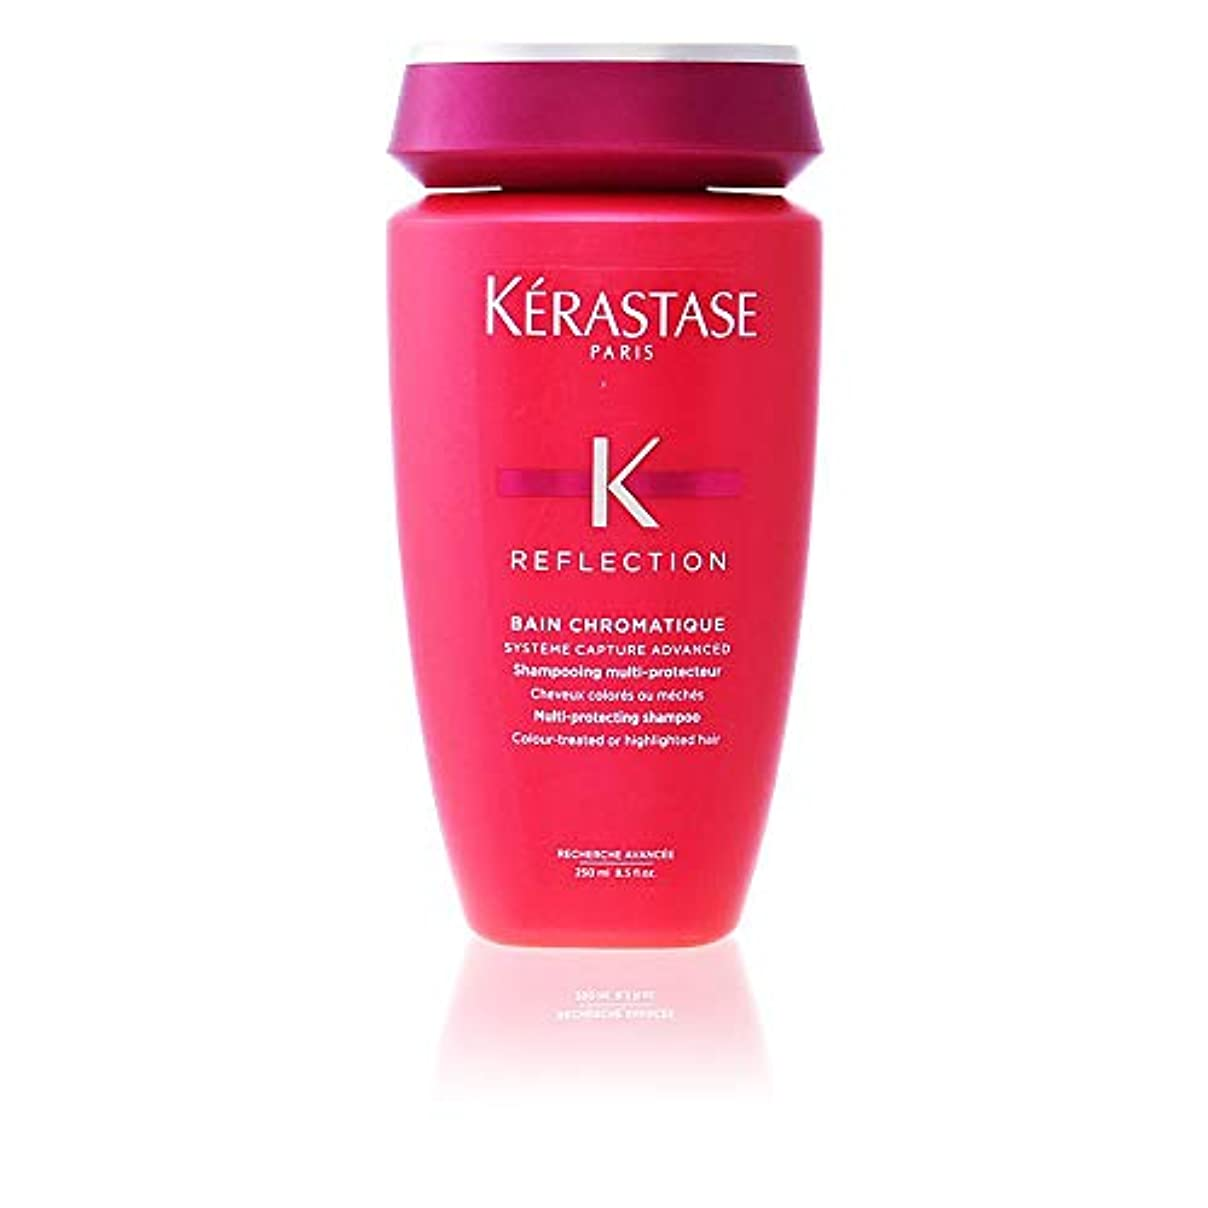 接続詞レール完全に乾くケラスターゼ Reflection Bain Chromatique Multi-Protecting Shampoo (Colour-Treated or Highlighted Hair) 250ml/8.5oz並行輸入品